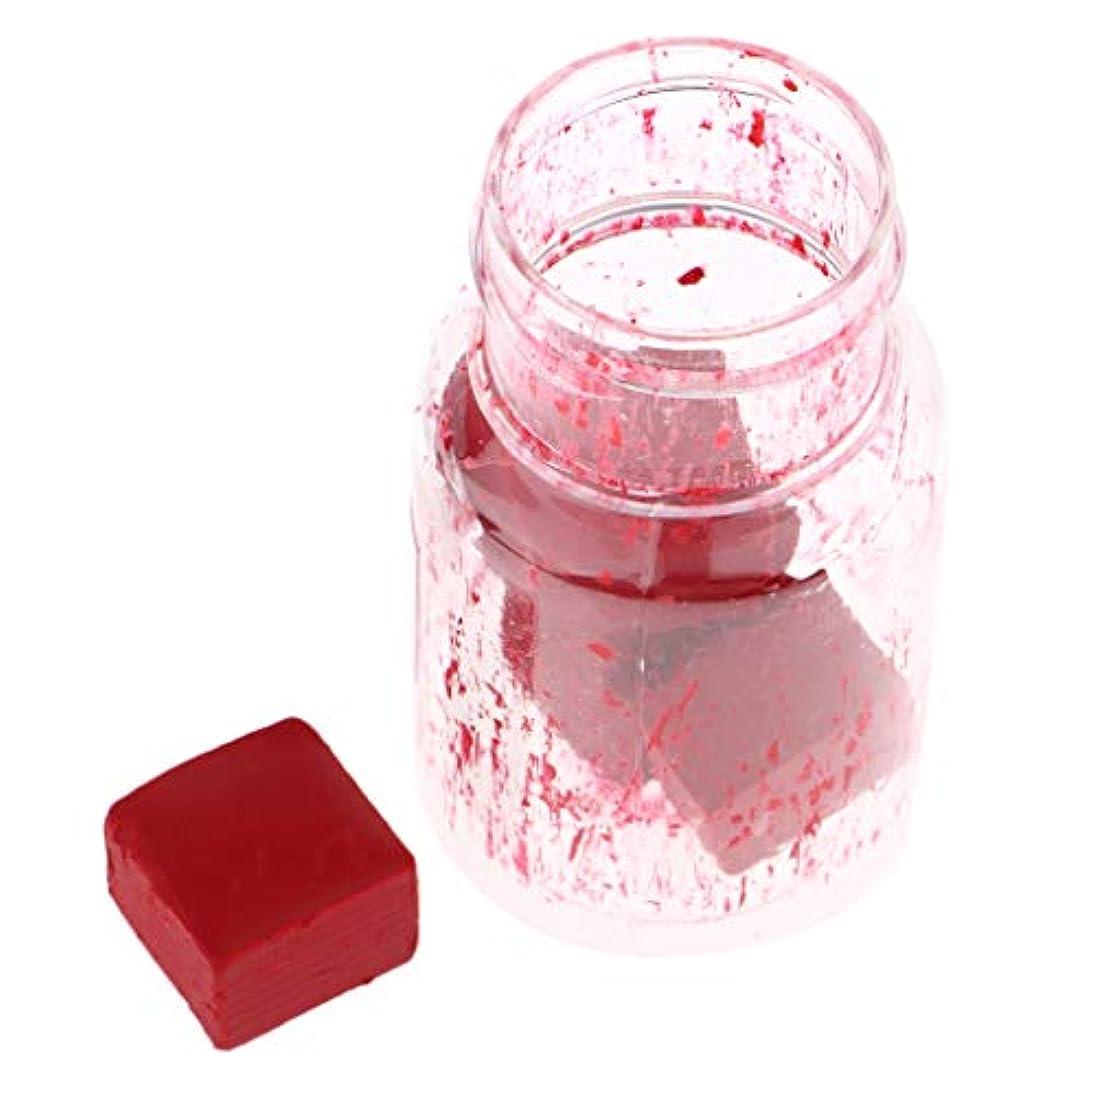 省略する寸前酸素口紅の原料 リップスティック顔料 DIYリップライナー DIY工芸品 9色選択でき - H